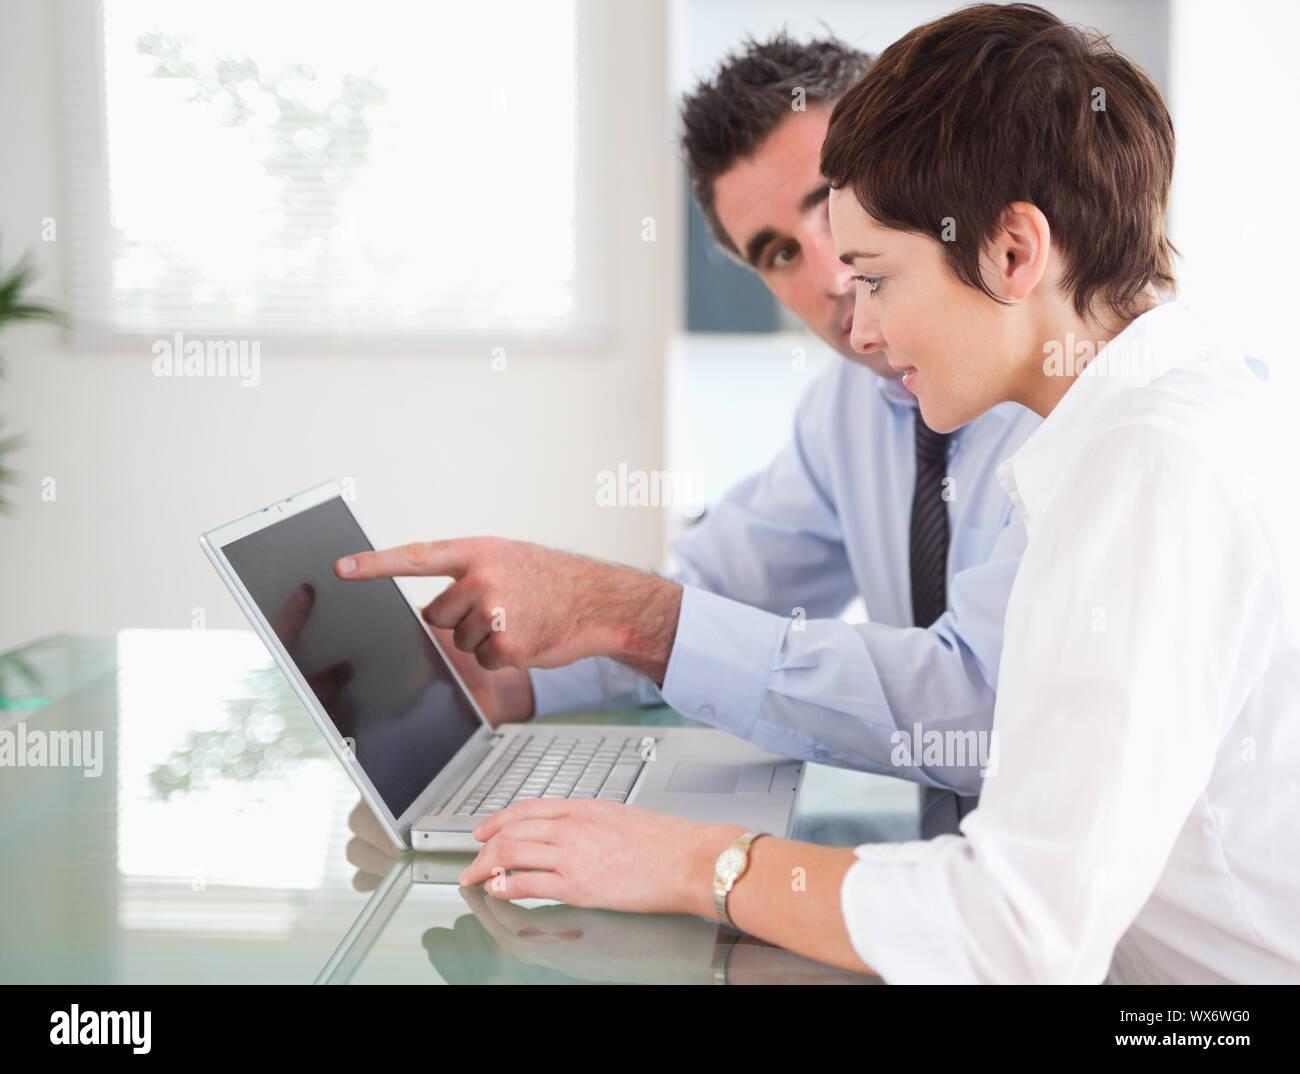 Mann zeigt auf etwas zu seiner Sekretärin auf einem Laptop in einem Büro Stockfoto